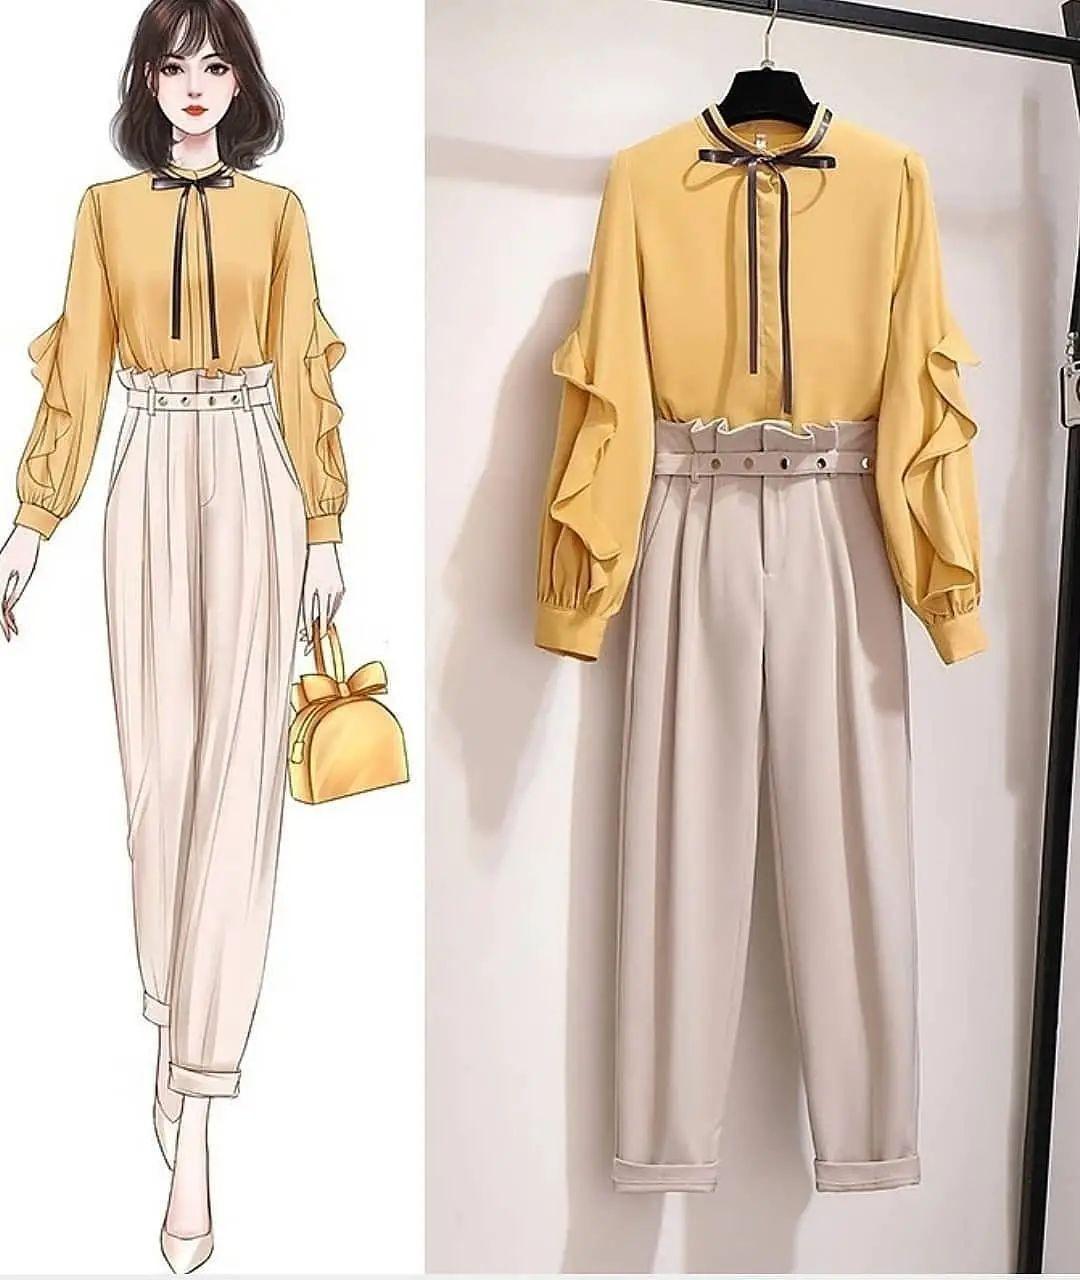 مدل لباس 2022